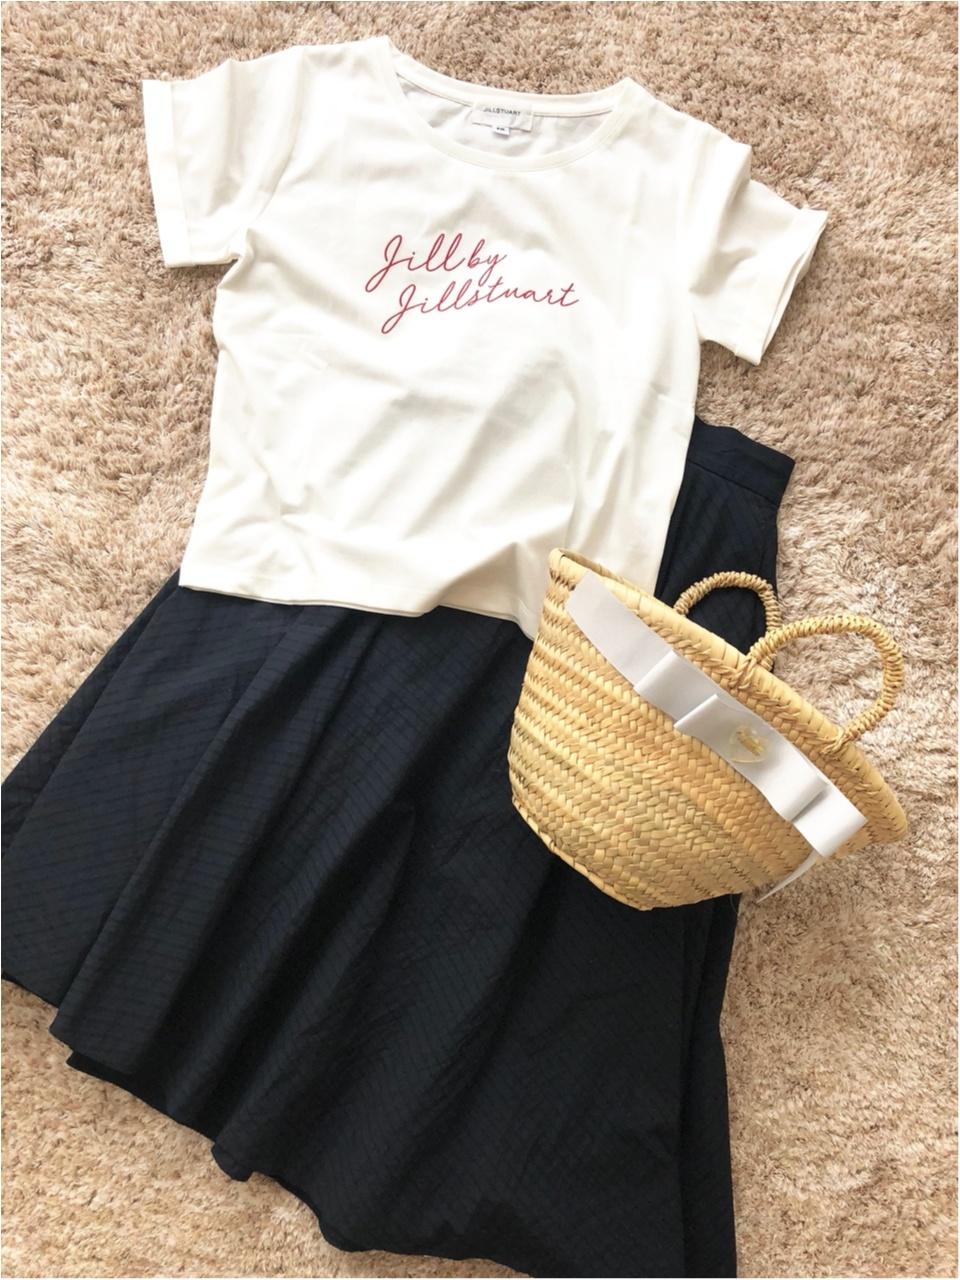 今年はシンプルロゴTシャツがキテる!夏のお出かけコーデもこれで決まり!!_3